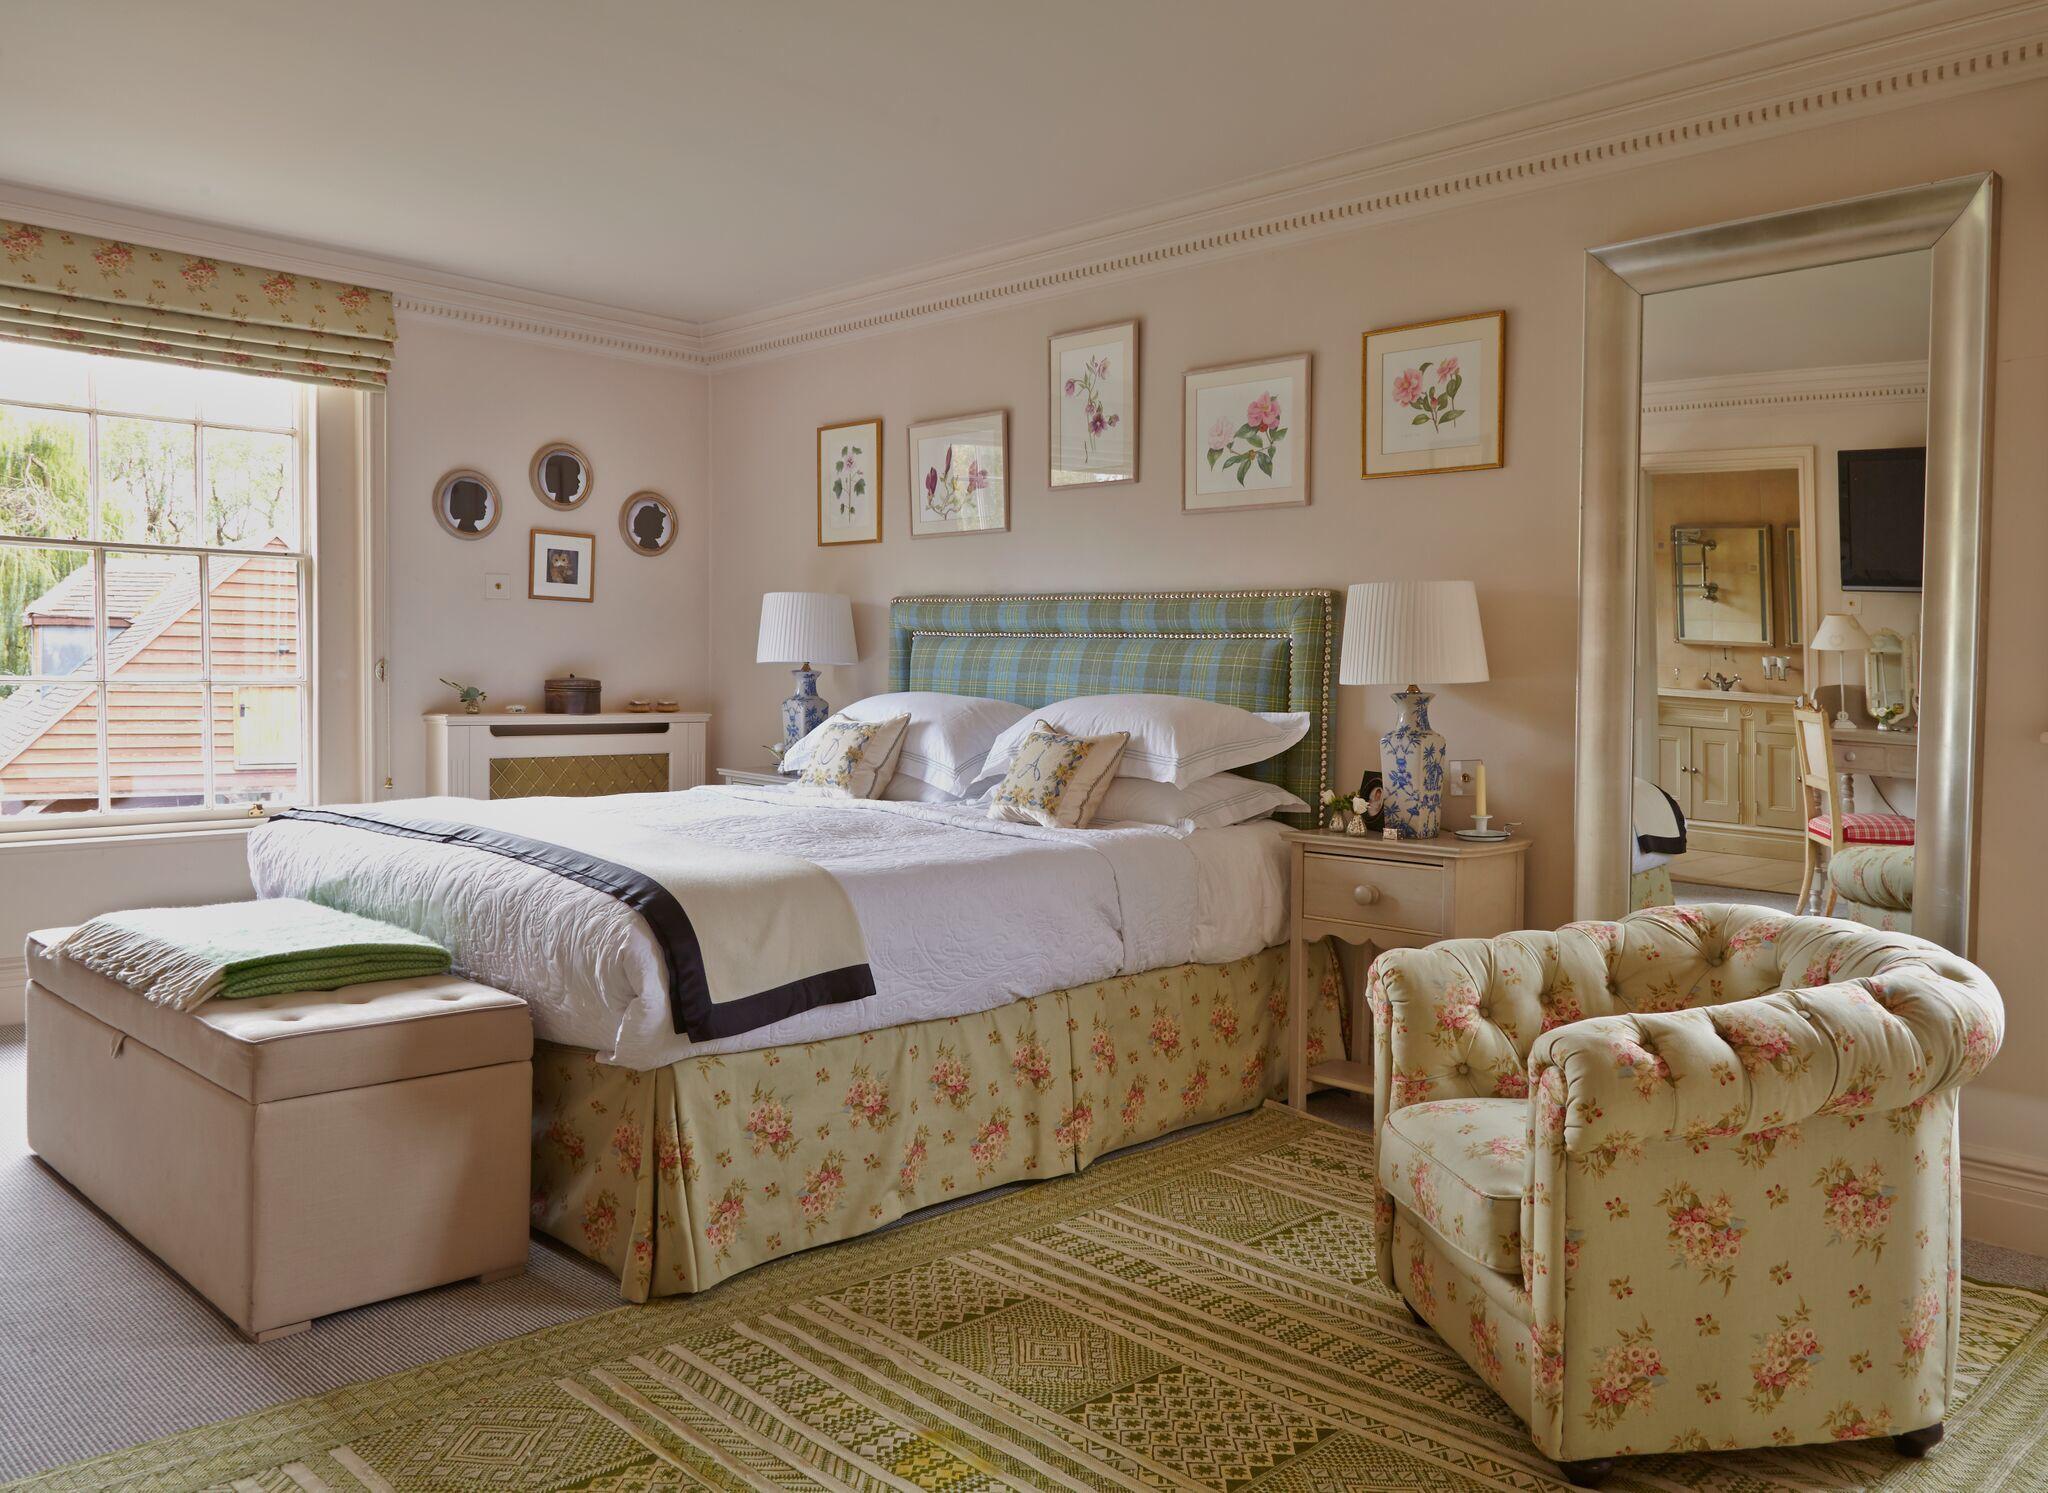 Bedroom Decor Ideas – storiestrending.com